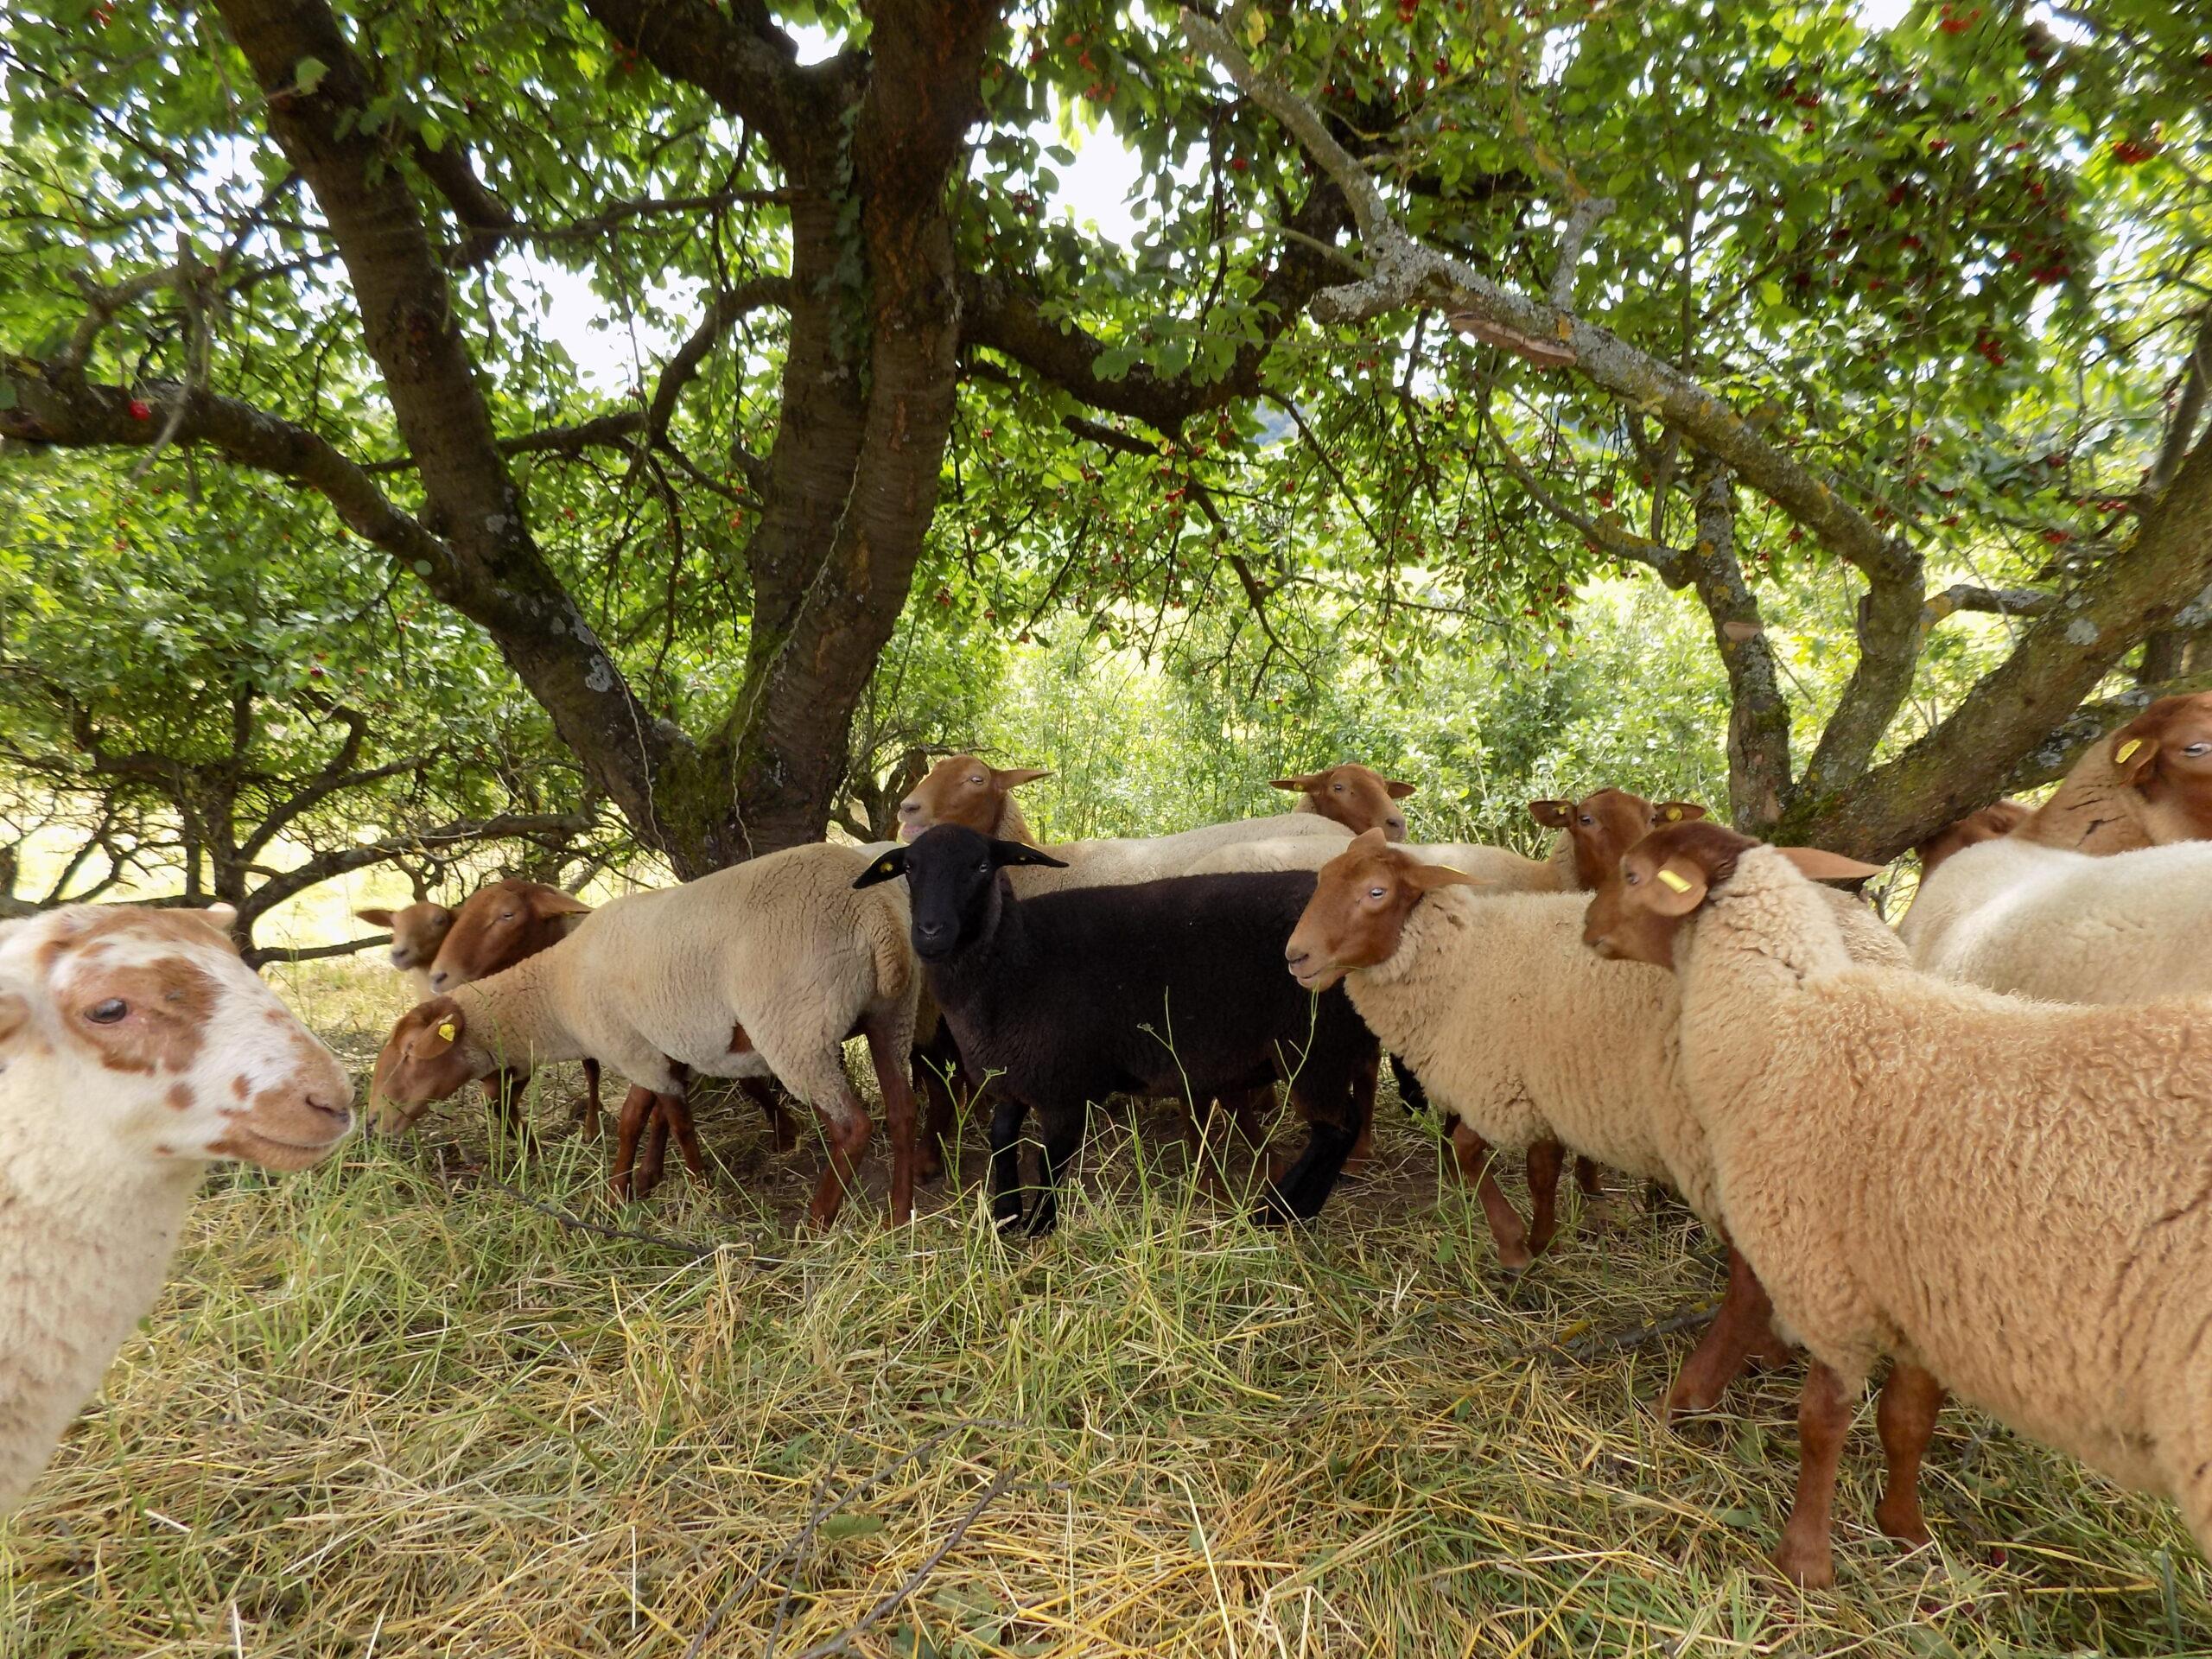 Schafe mit rötlich-braunem Kopf unter einem großen Quittenbaum. In der Mitte steht das sprichtwörtliche schwarze Schaf.